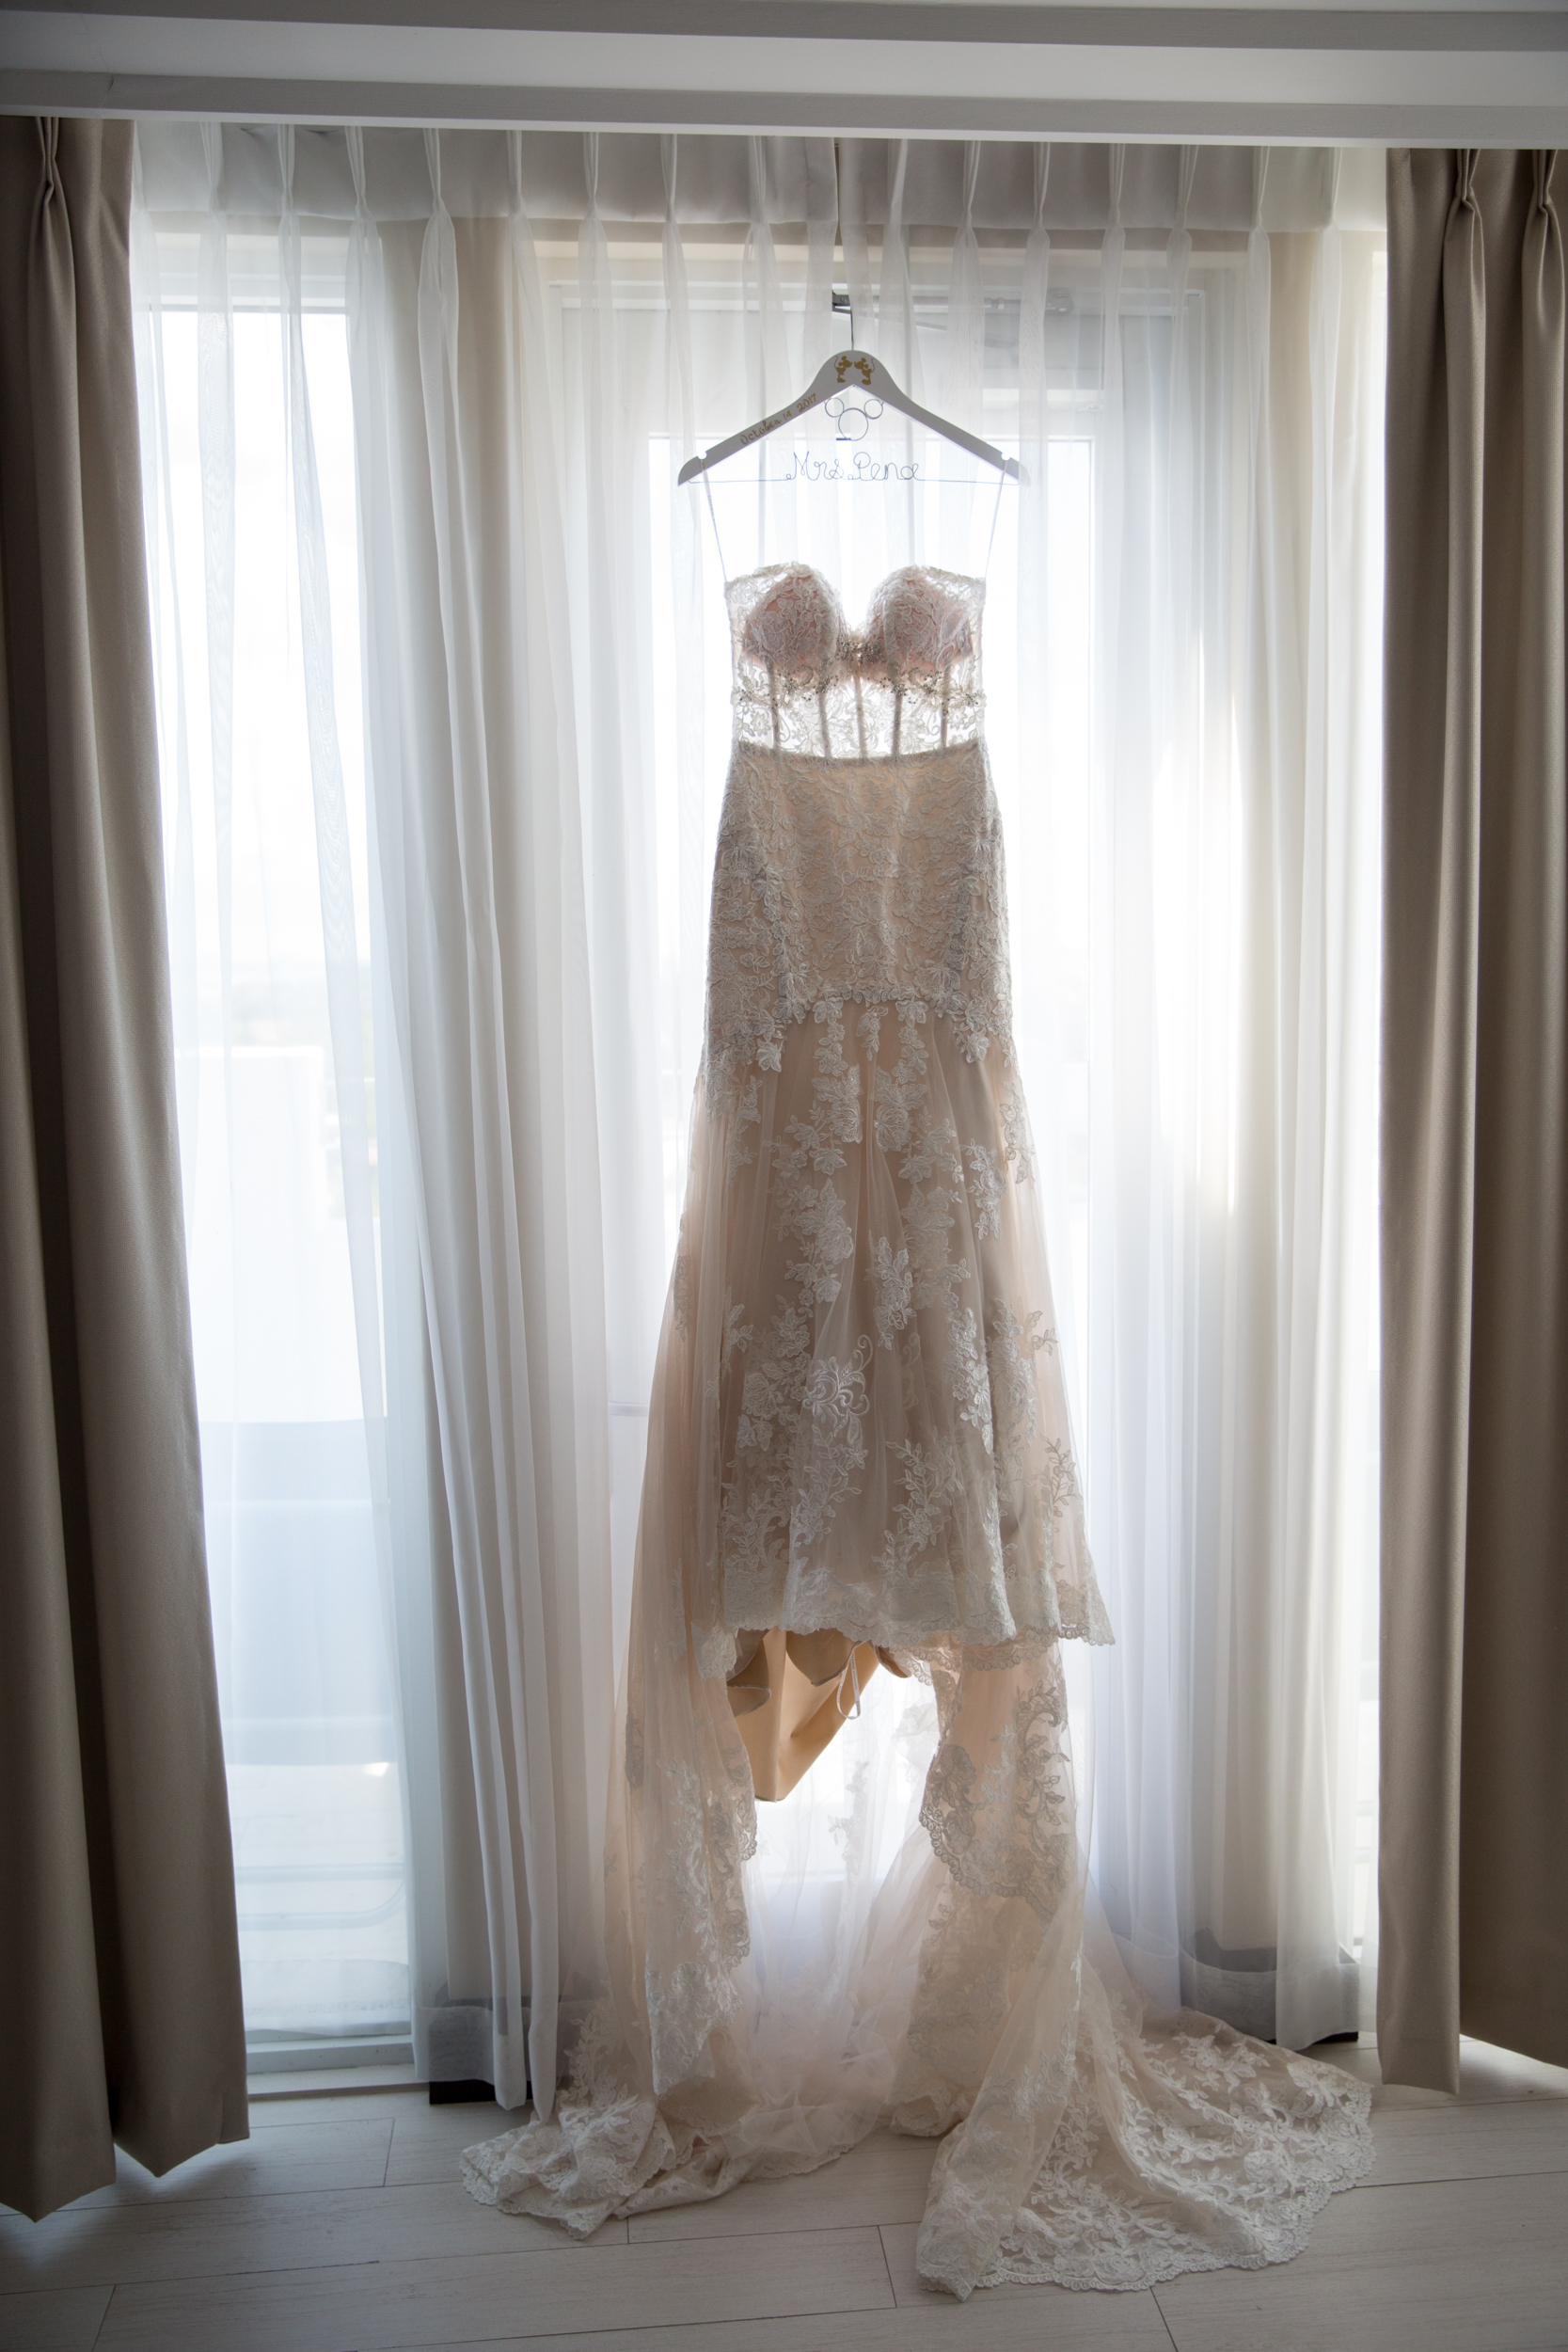 10-14-17_AshleyRichard_Wedding-3.jpg